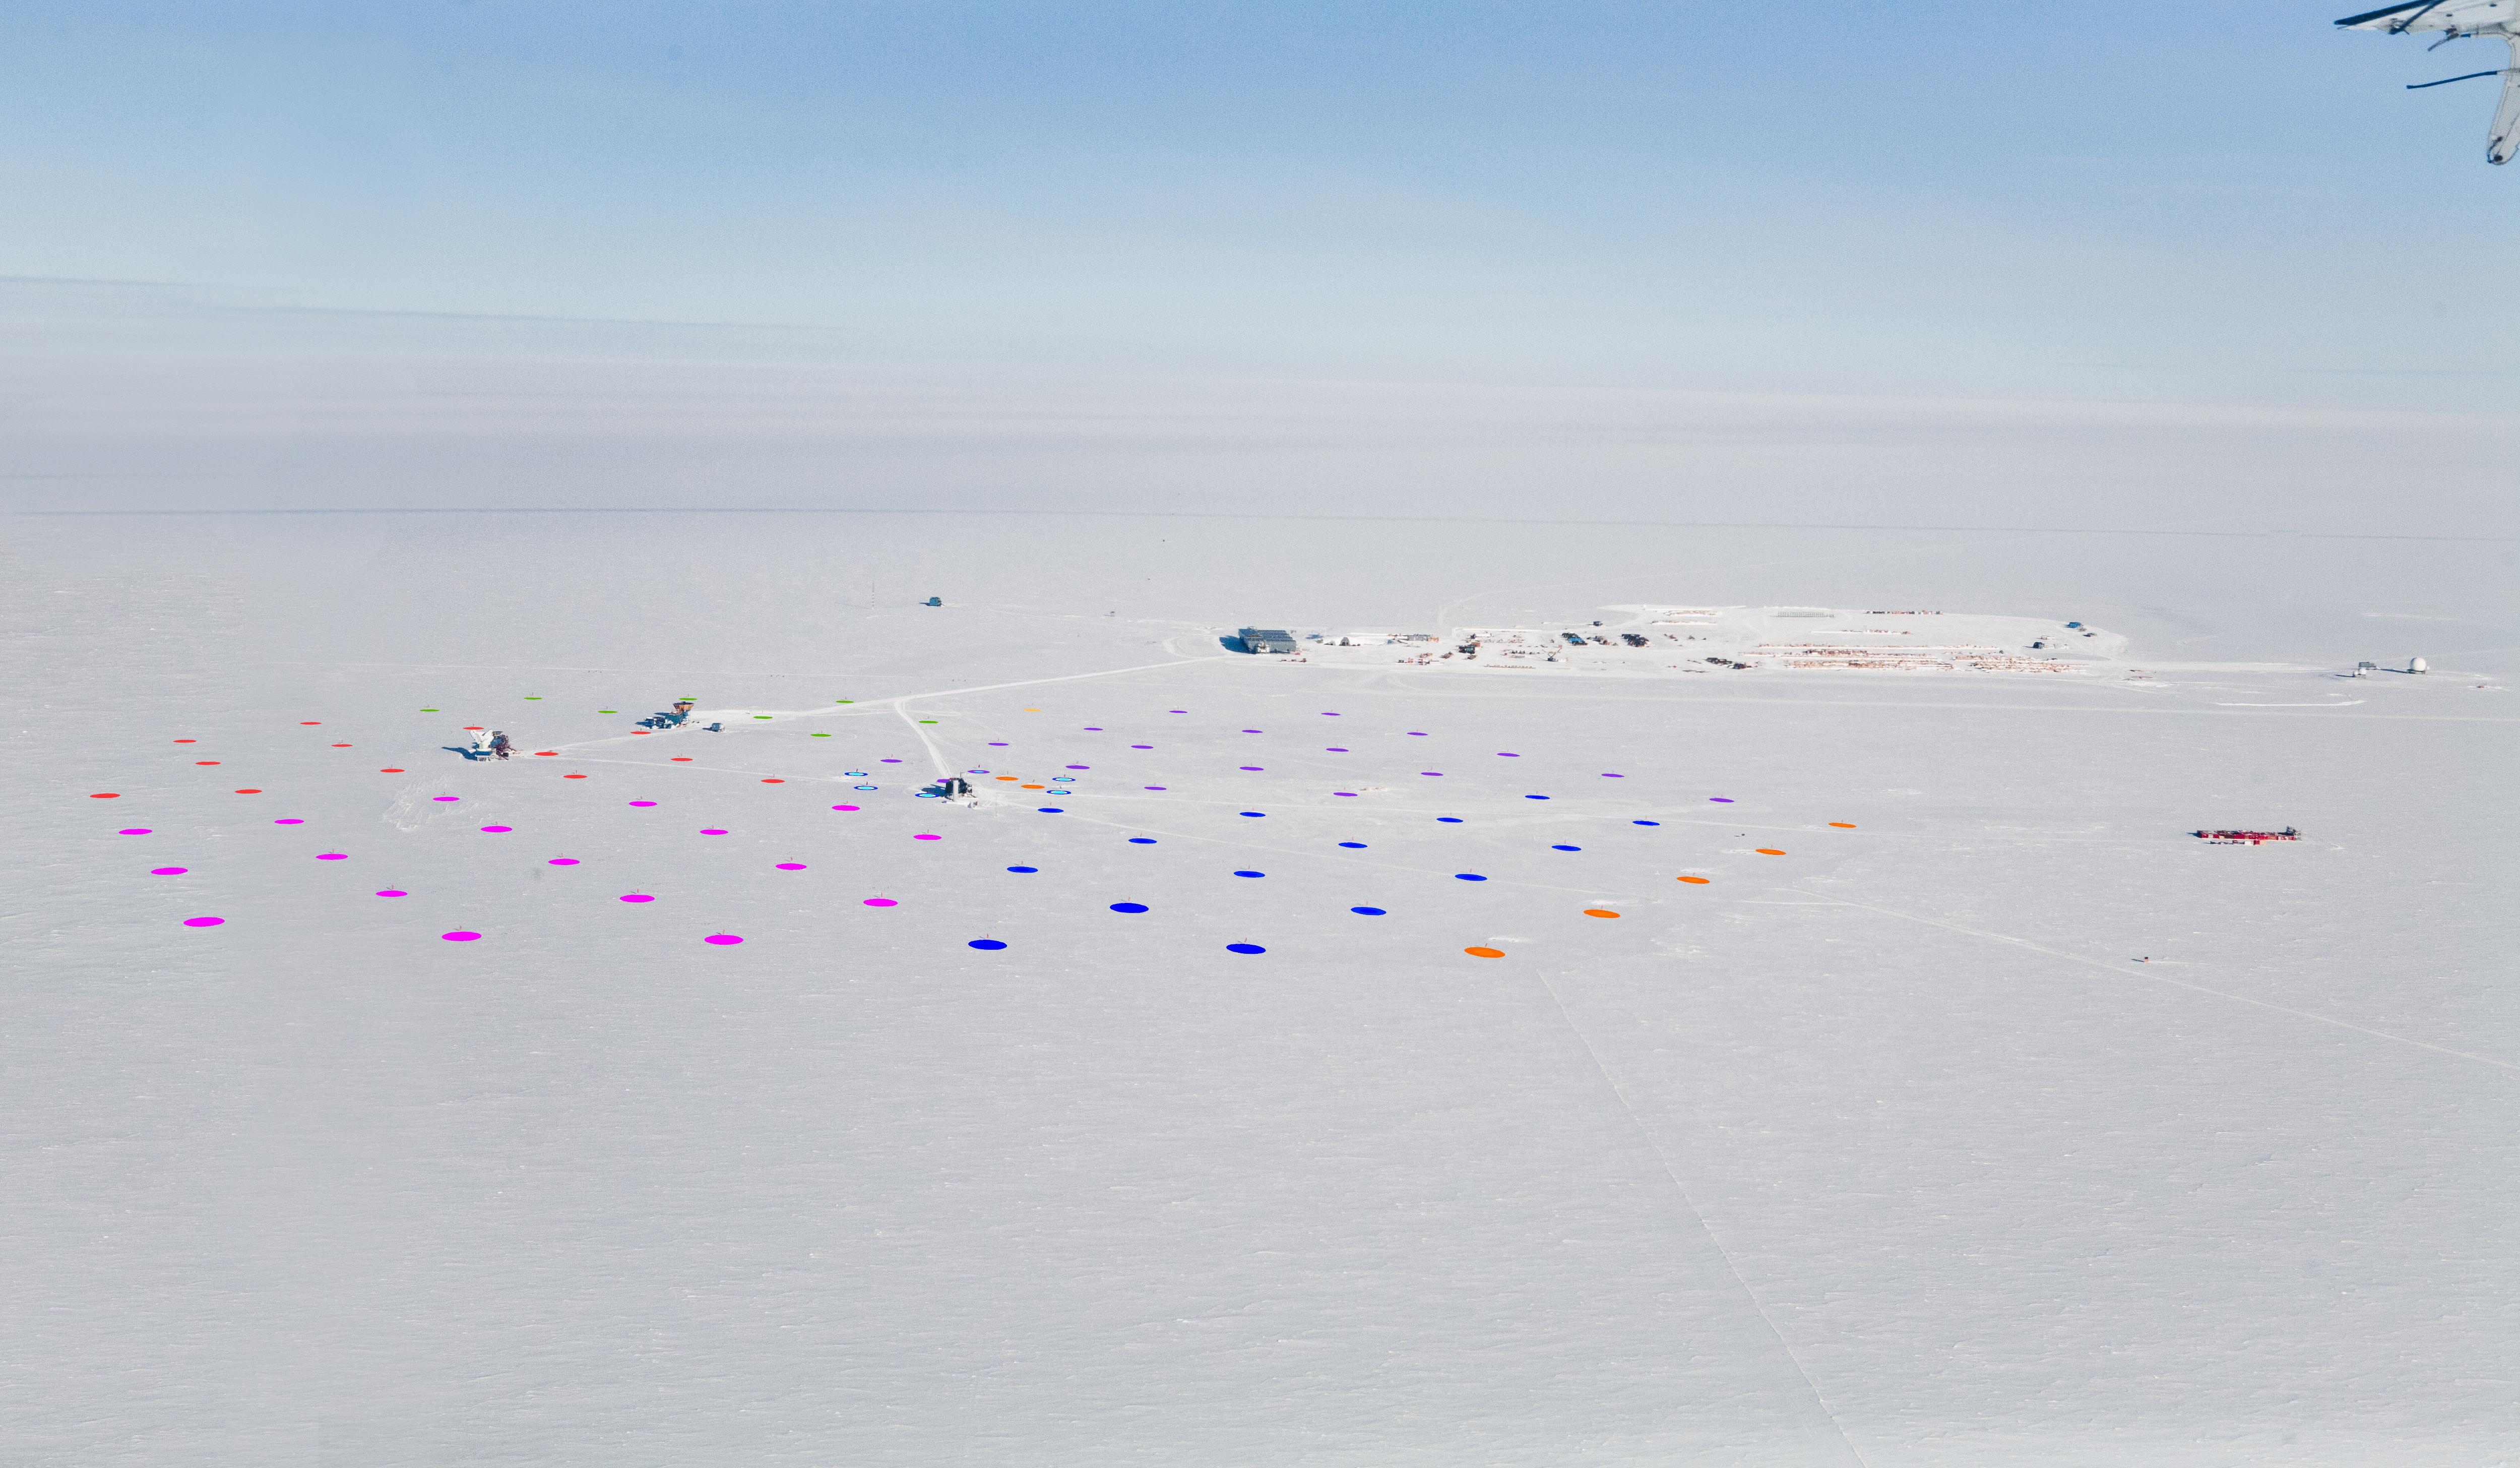 IceCube Strings by Season